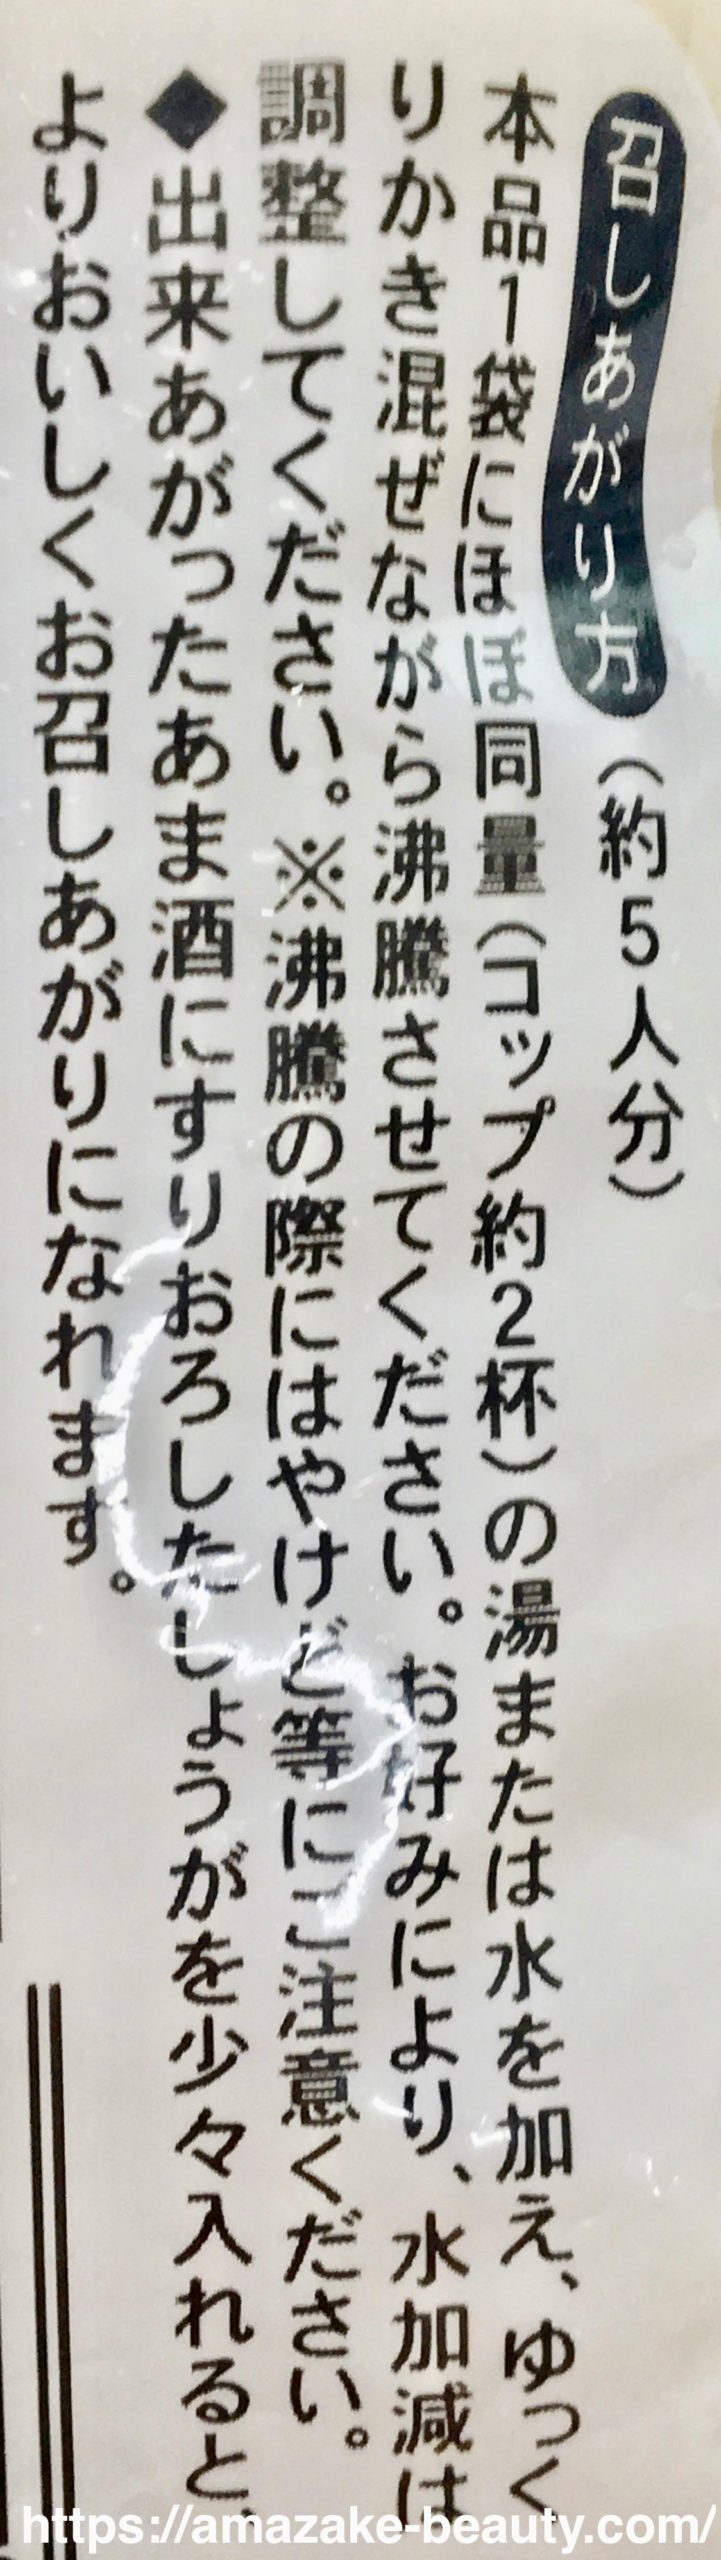 【甘酒】紀文『あま酒の素』(甘酒の飲み方)